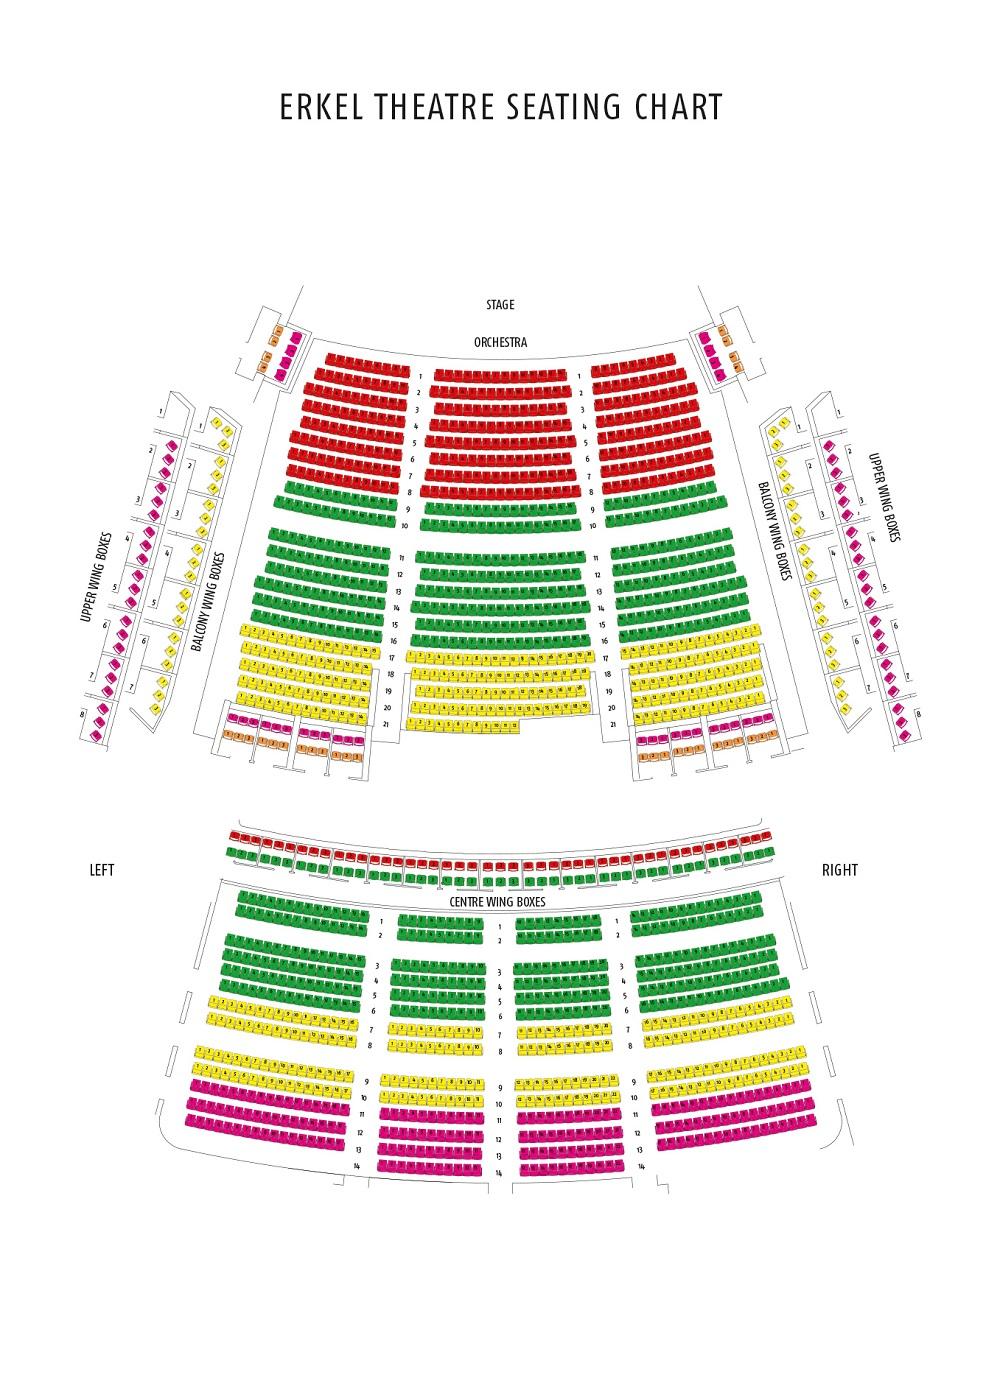 Схема зала Венгерского Государственного оперного театра - Театр Эркеля